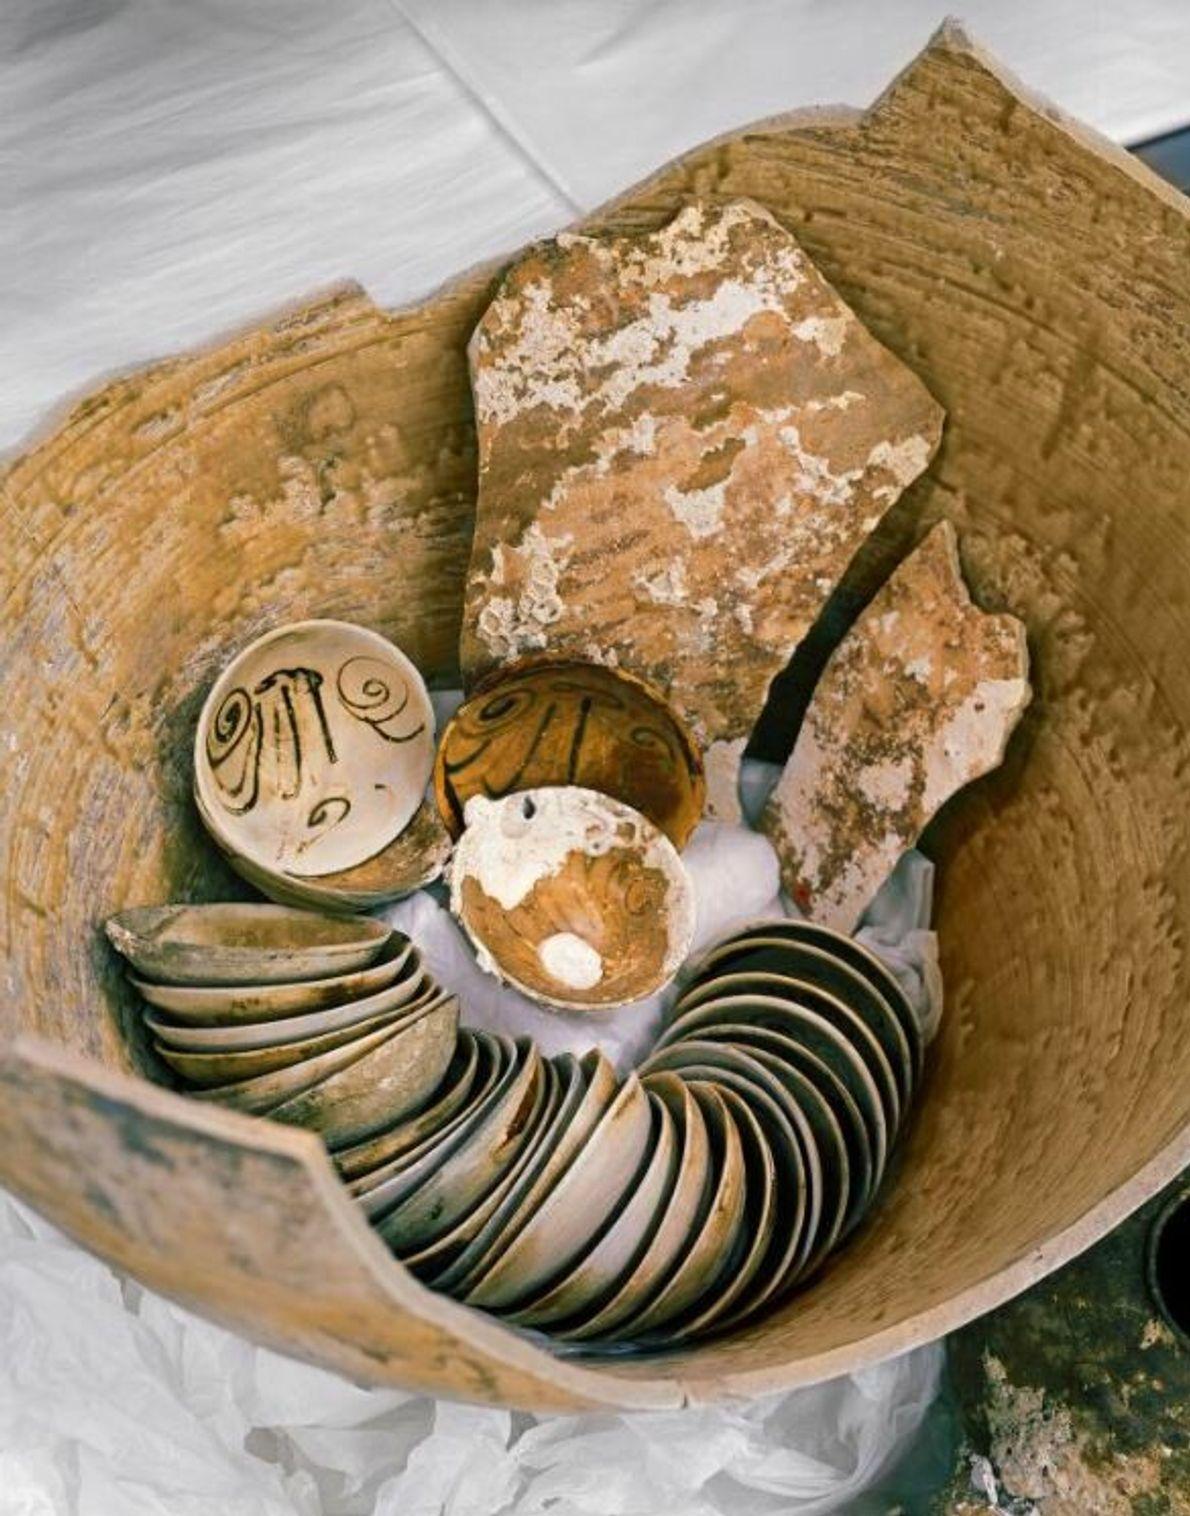 Le navire transportait environ 55 000 bols fabriqués pour l'exportation dans des fours à céramique de la province ...